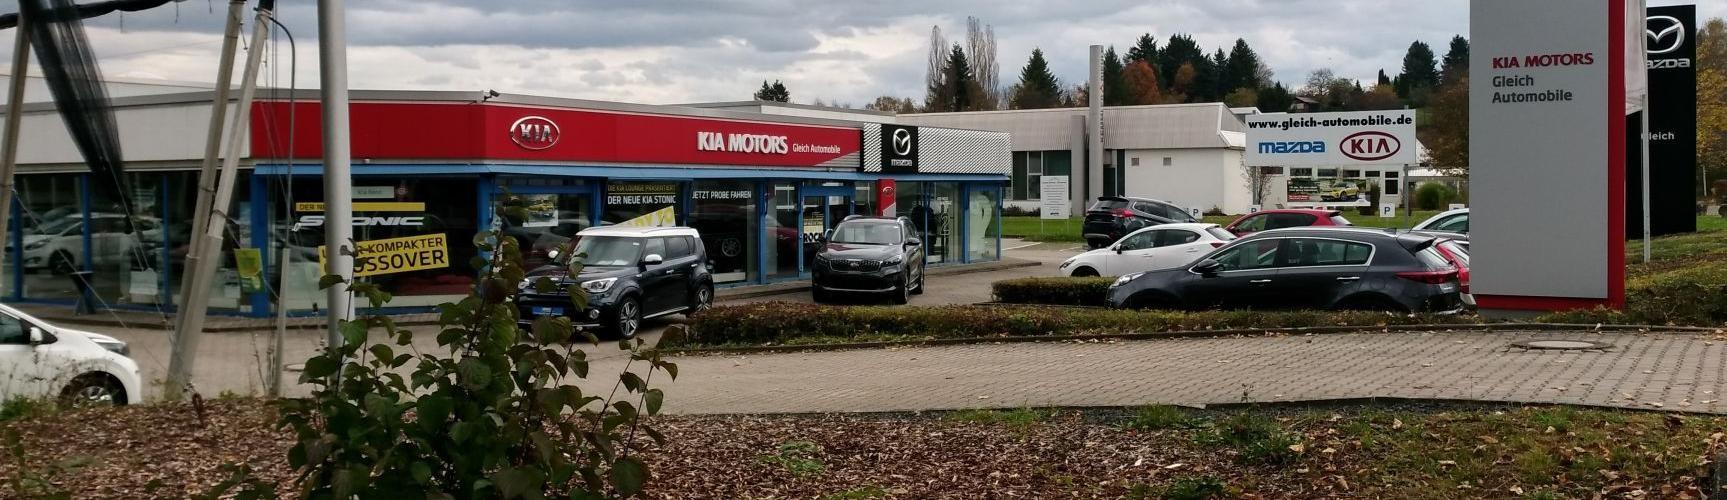 Gleich Automobile GmbH Mazda Vertragshändler